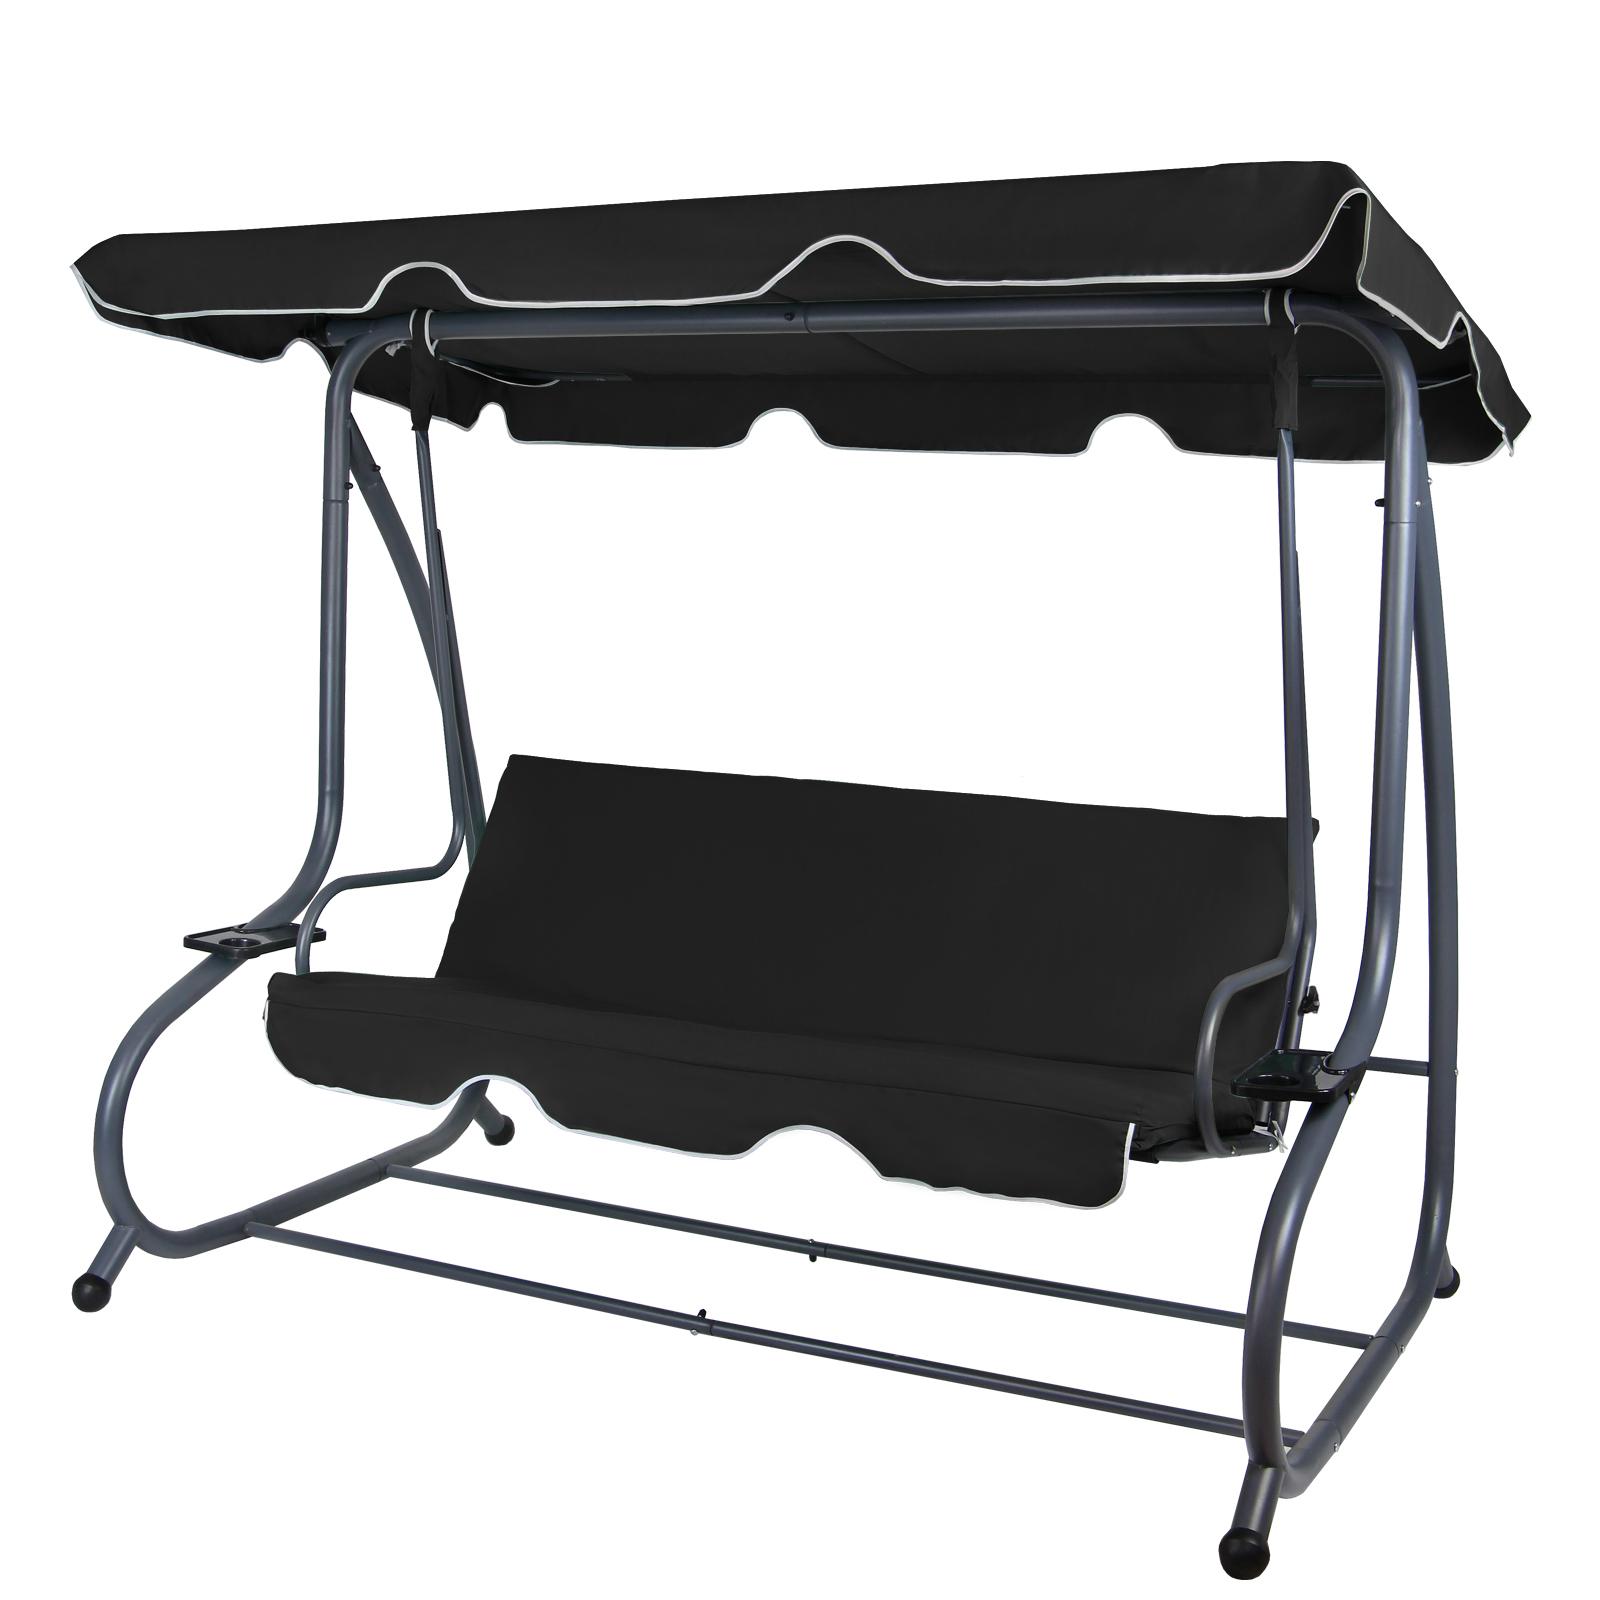 Bevorzugt 4-Sitzer Hollywoodschaukel mit Bettfunktion von BB Sport RS26